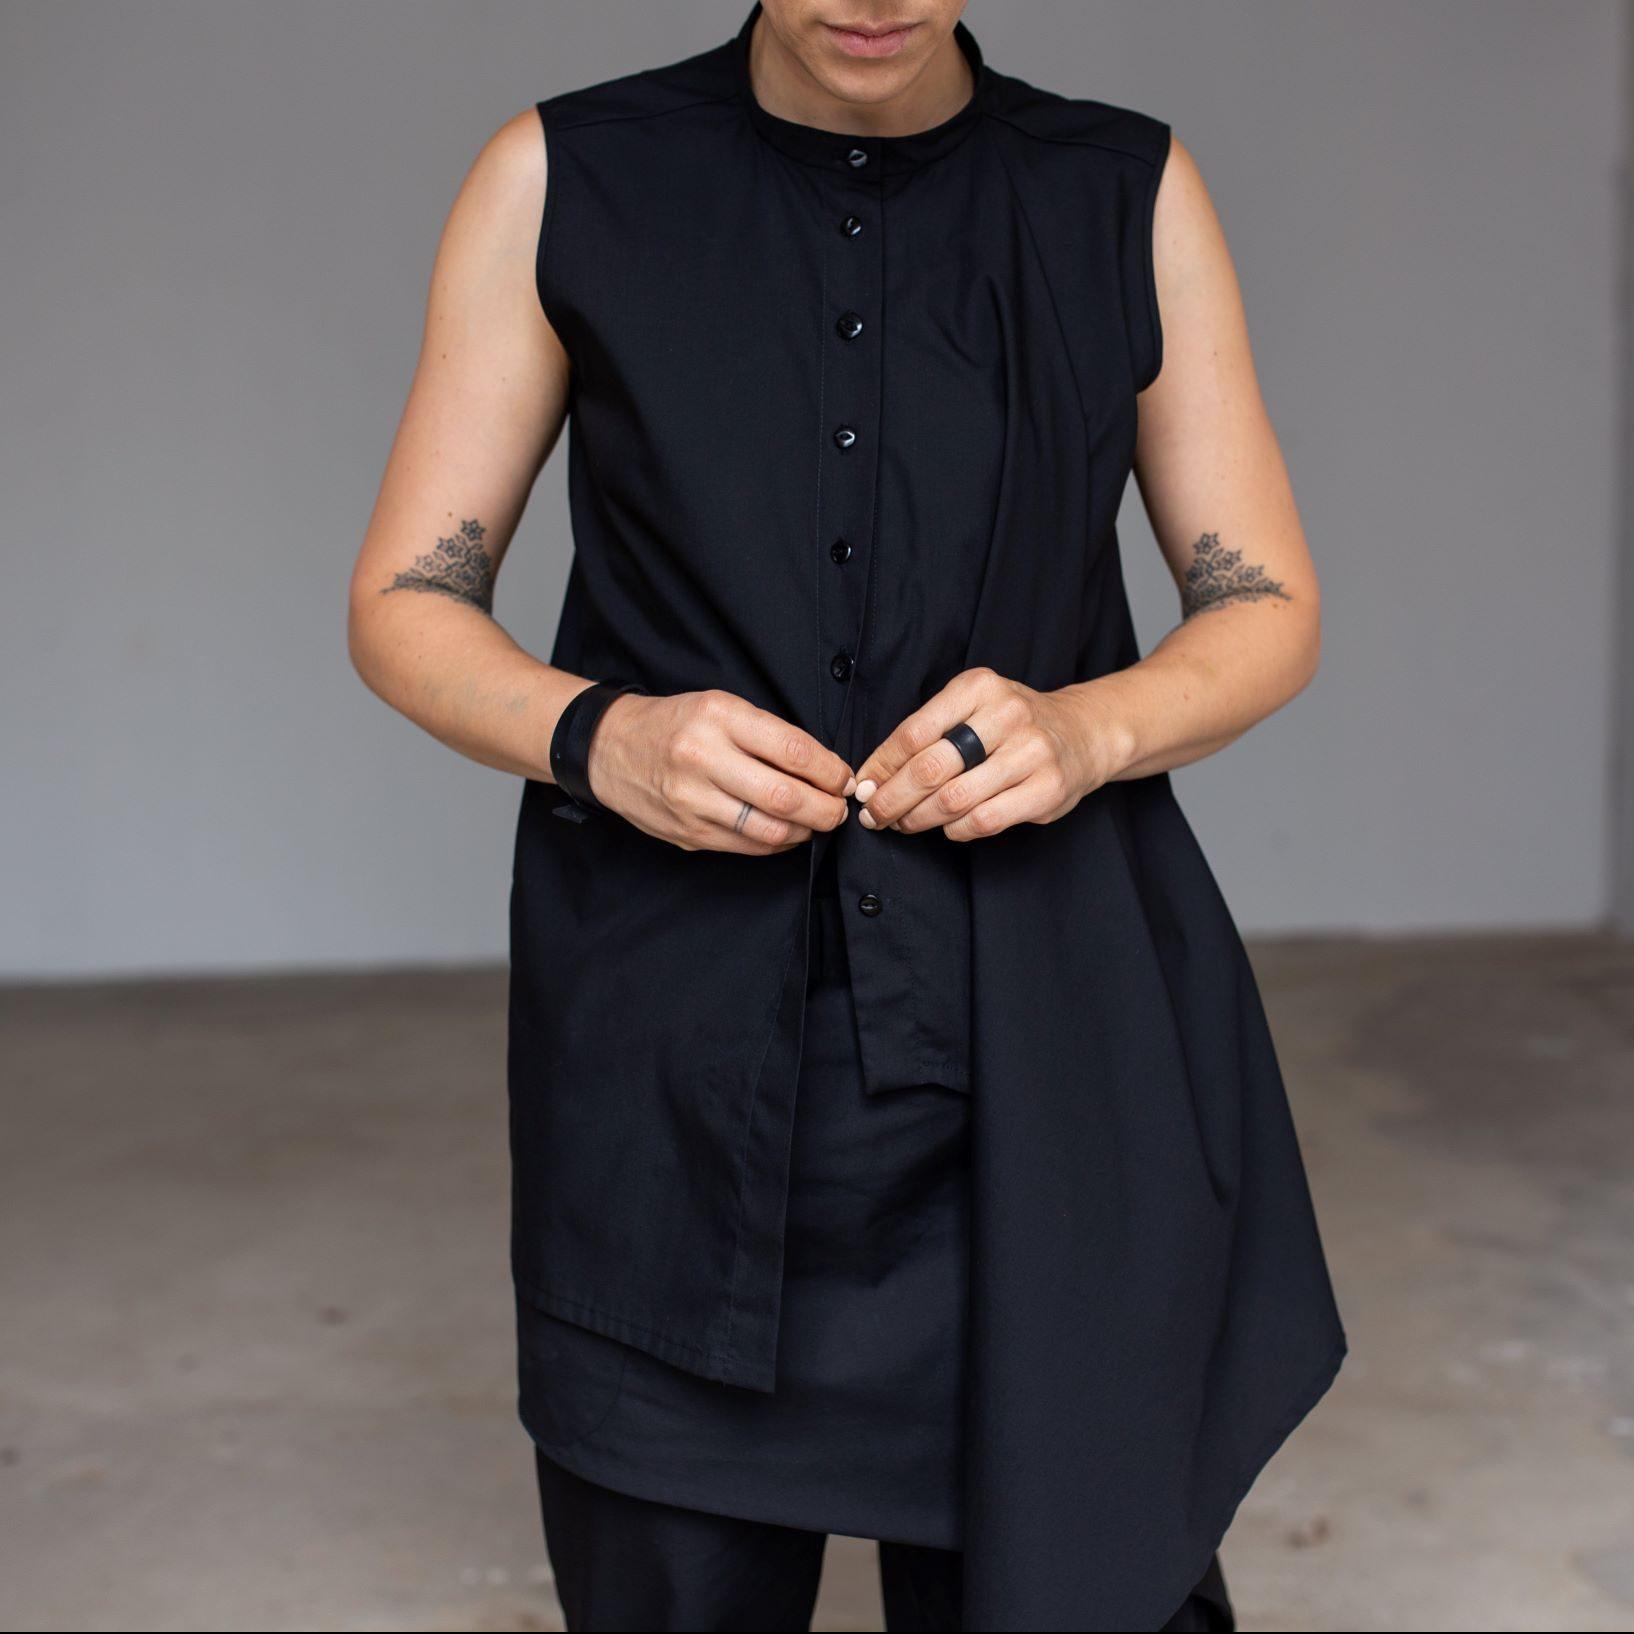 Asymmetric black blouse by June9Concept